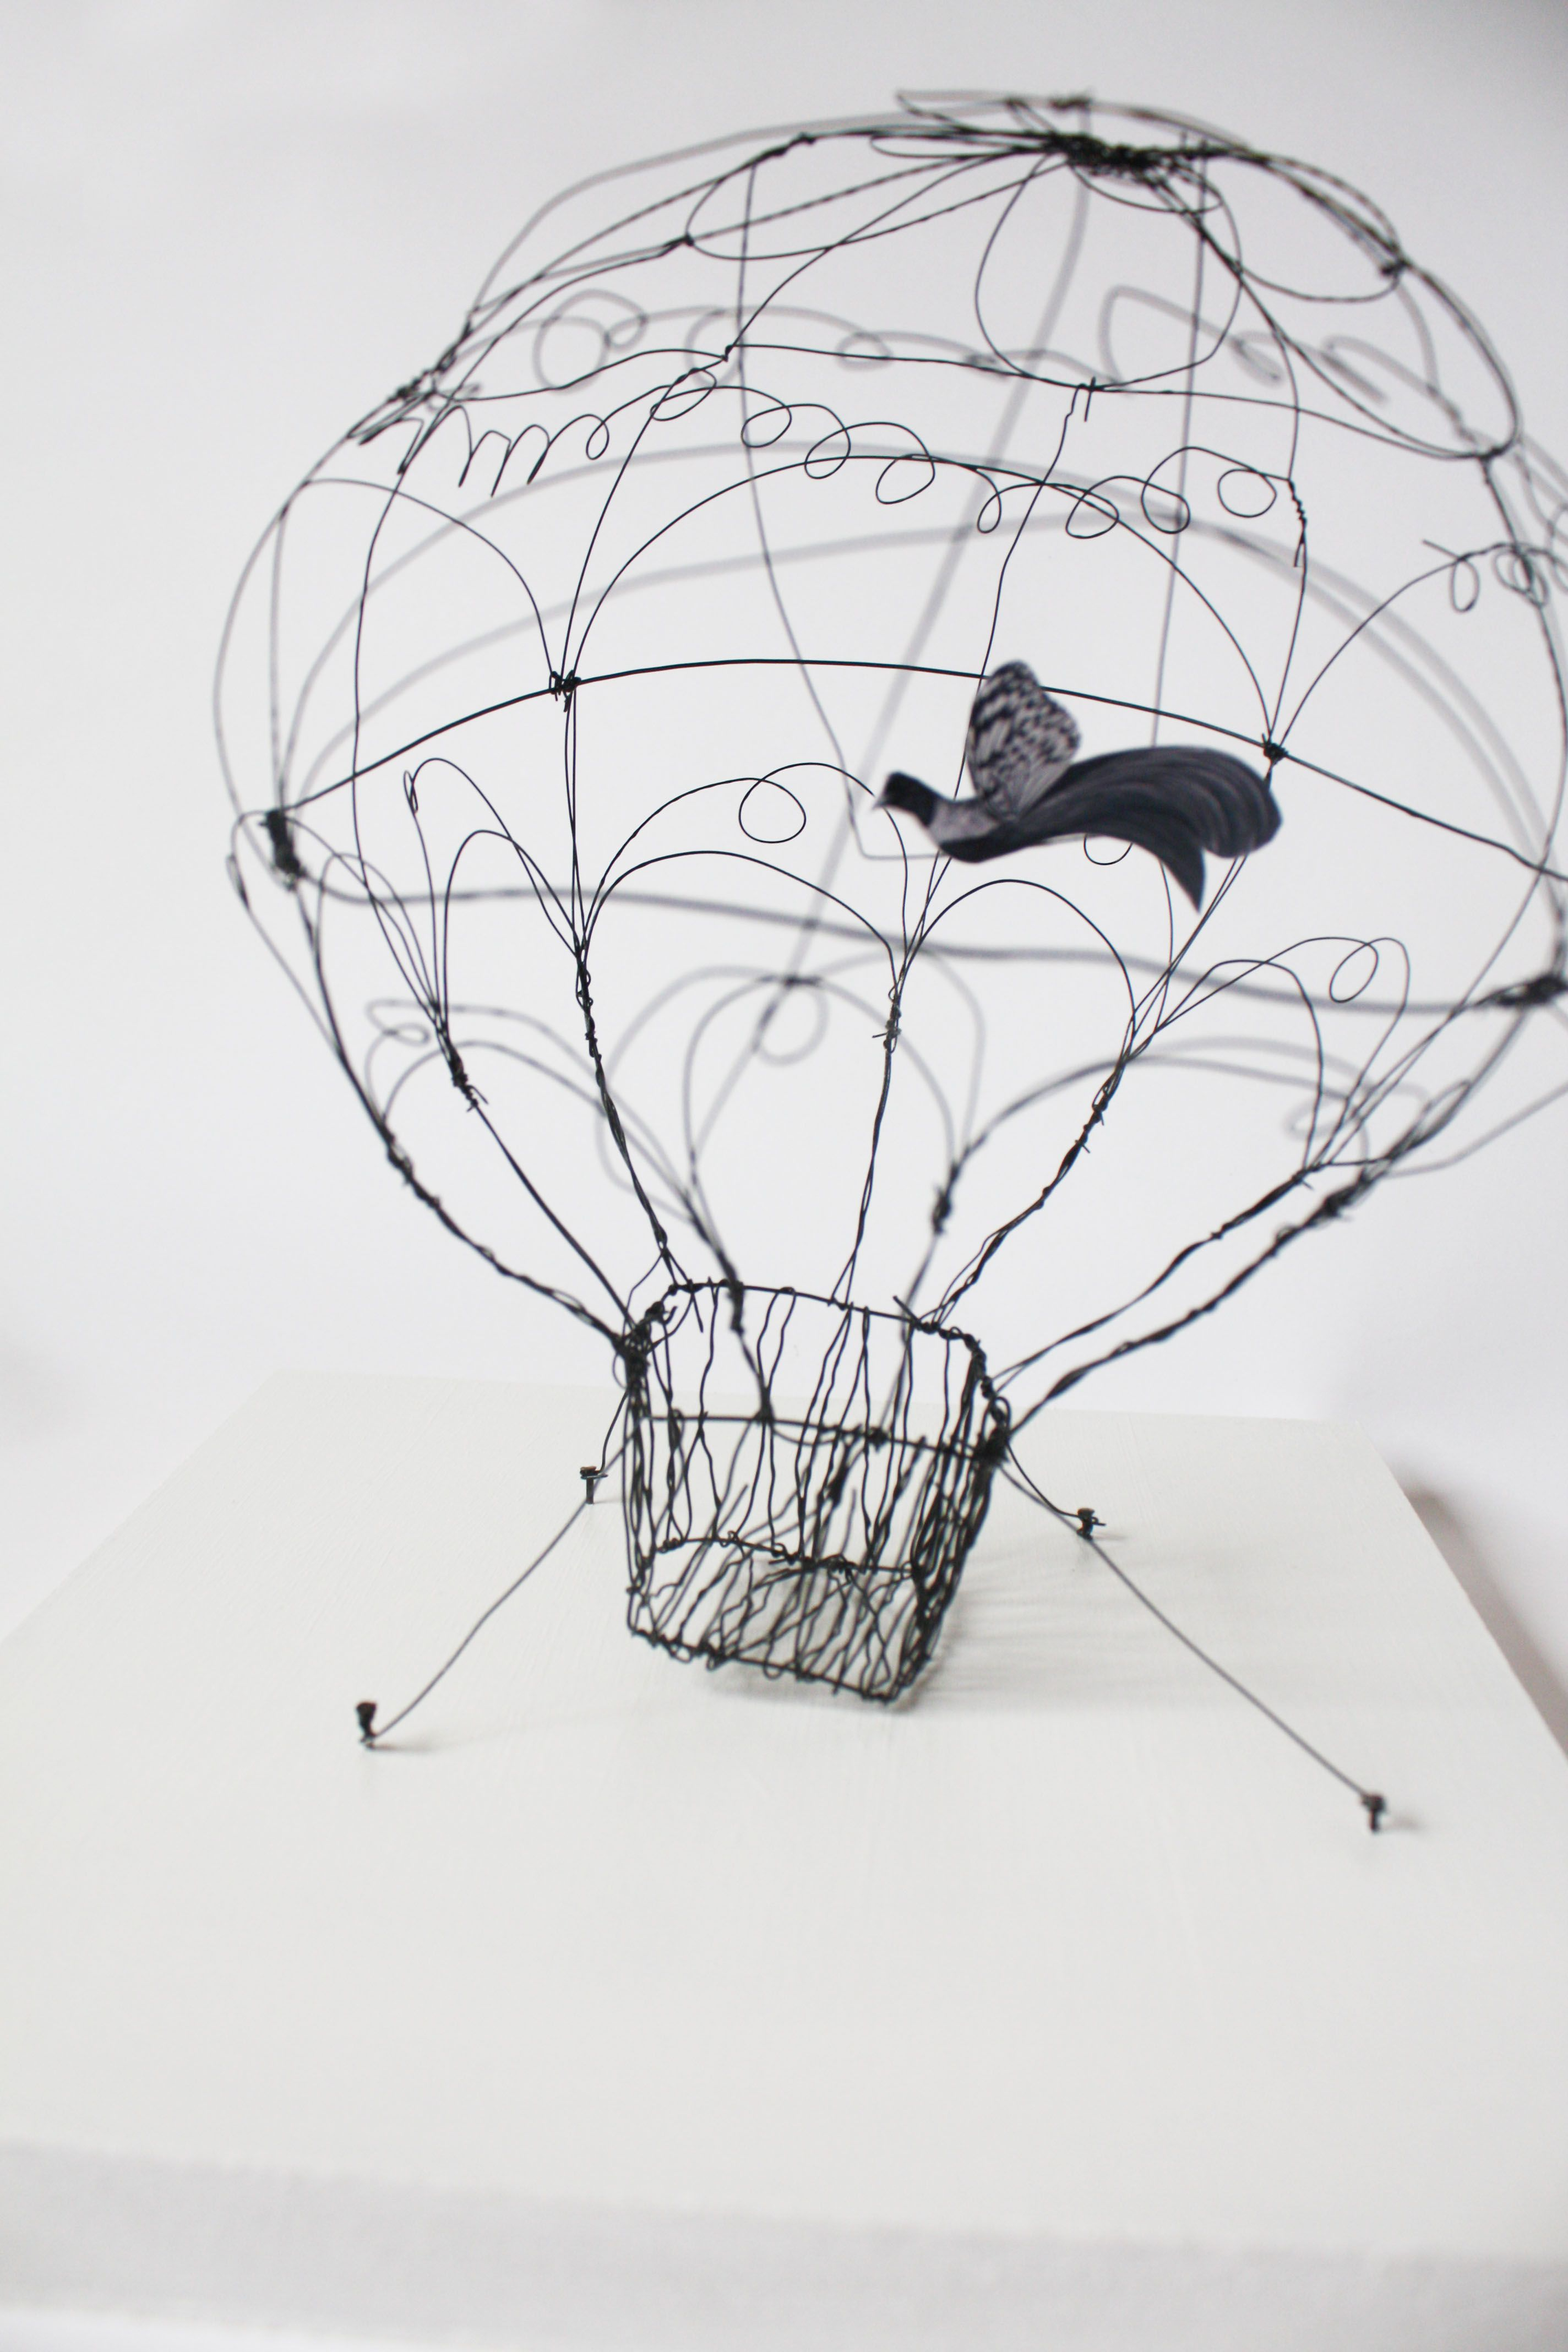 sculpture fil de fer au fil d 39 un trait pinterest fil de fer fil et sculpture. Black Bedroom Furniture Sets. Home Design Ideas